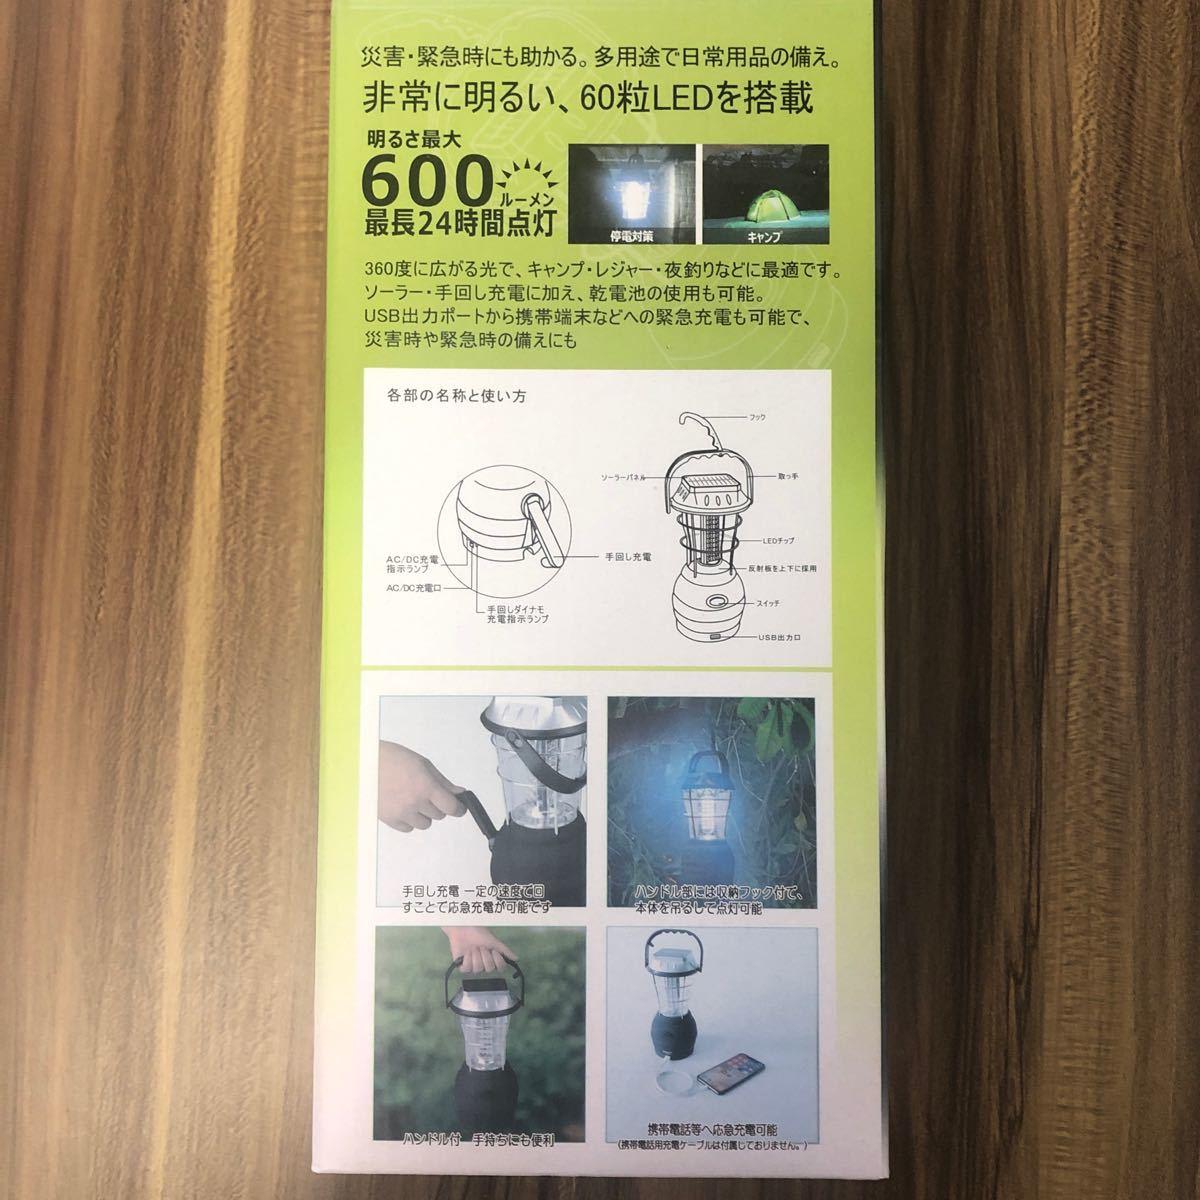 ランタン LED60灯 充電式 LEDライト 懐中電灯 ソーラーランタン  手回し 停電対策 防災グッズ 災害の備え